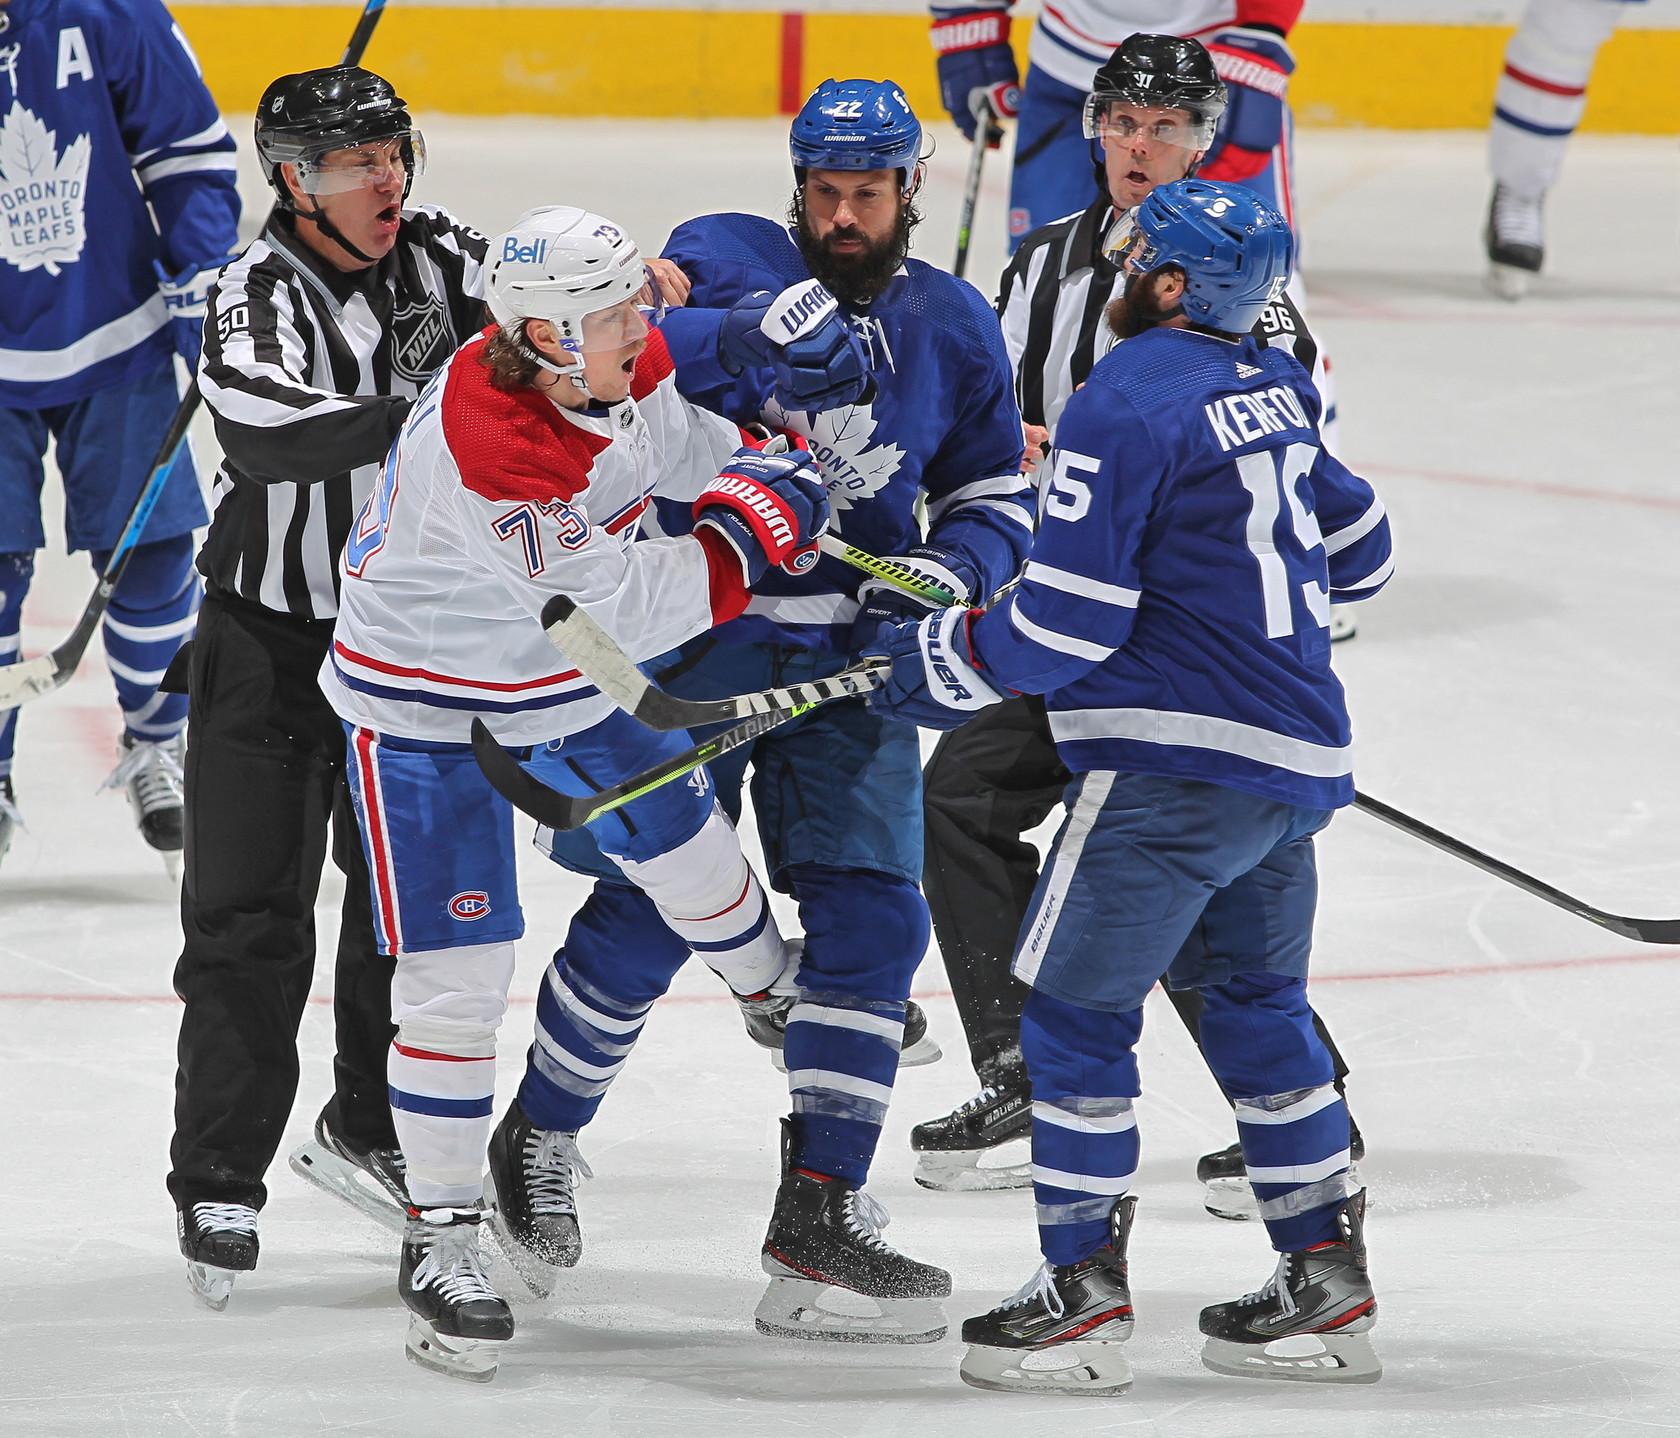 Scontro di gioco davvero pesante per il centro dei&nbsp;Toronto Maple Leafs che picchia la testa contro le gambe di un avversario<br /><br />